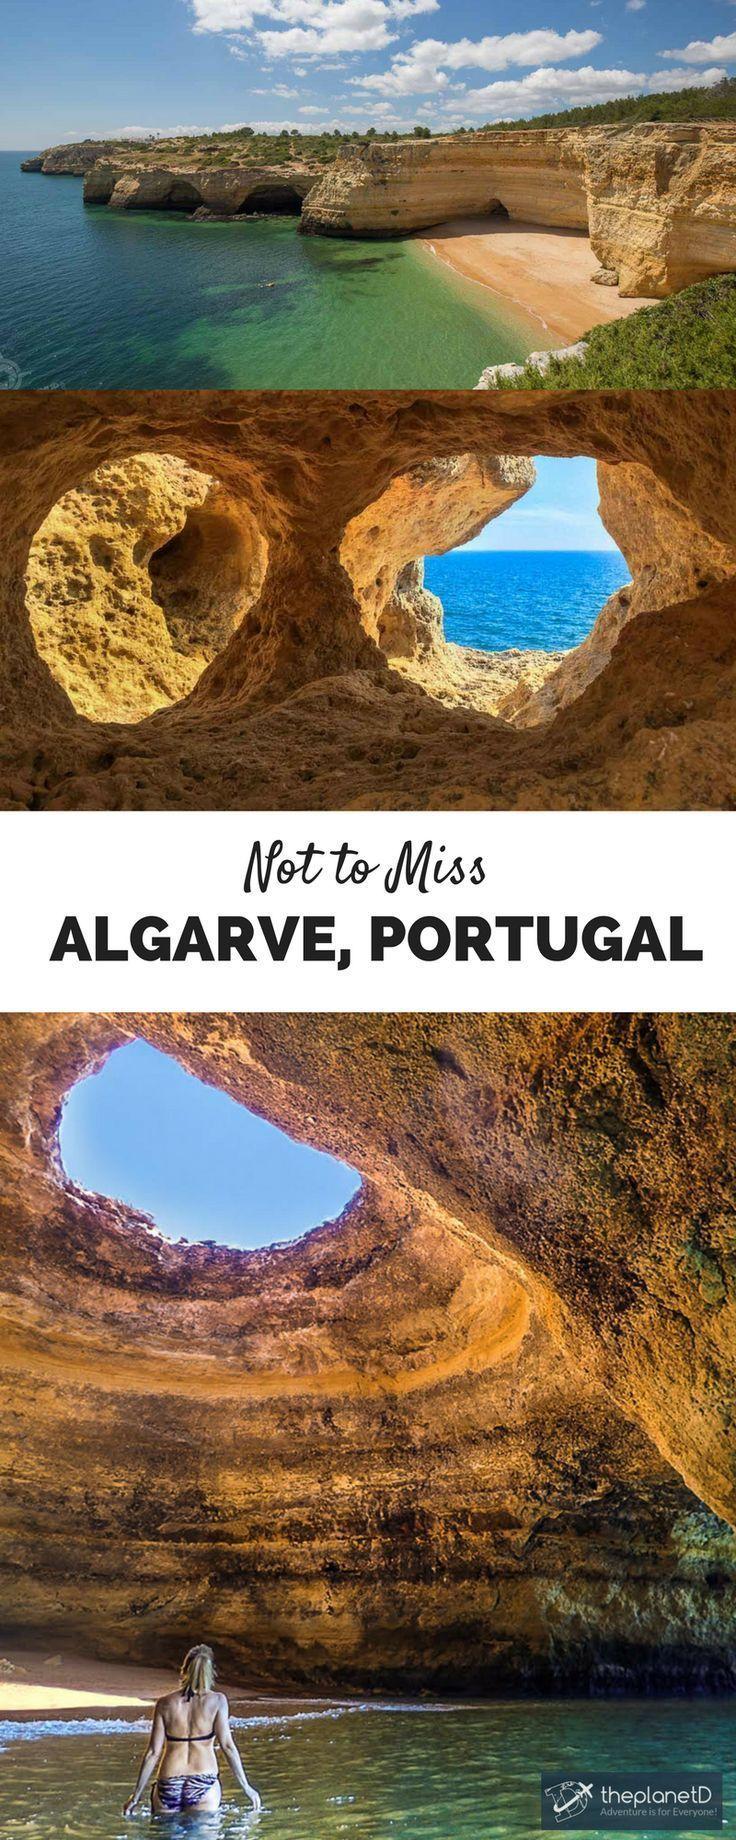 Weekend Break Algarve - So nutzen Sie die 3 Tage der Algarve und ihre -